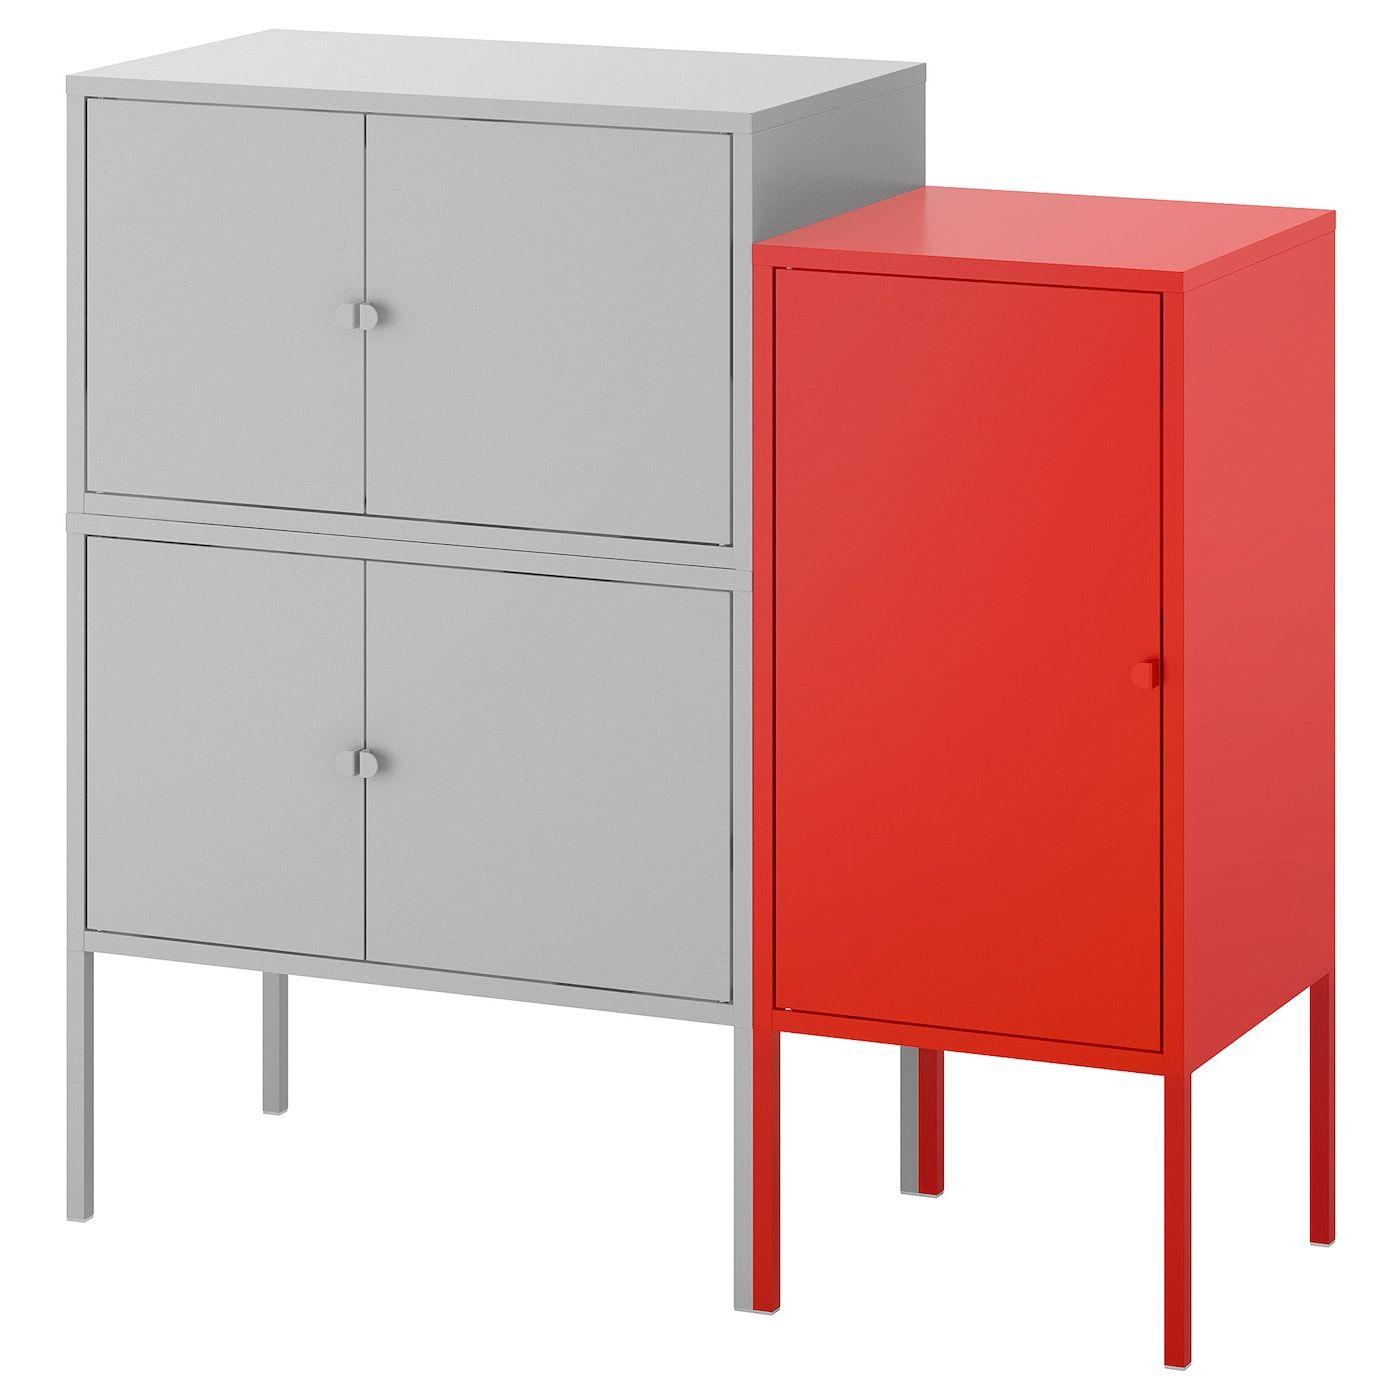 Lixhult Schrankkombination Grau Rot Ikea Osterreich